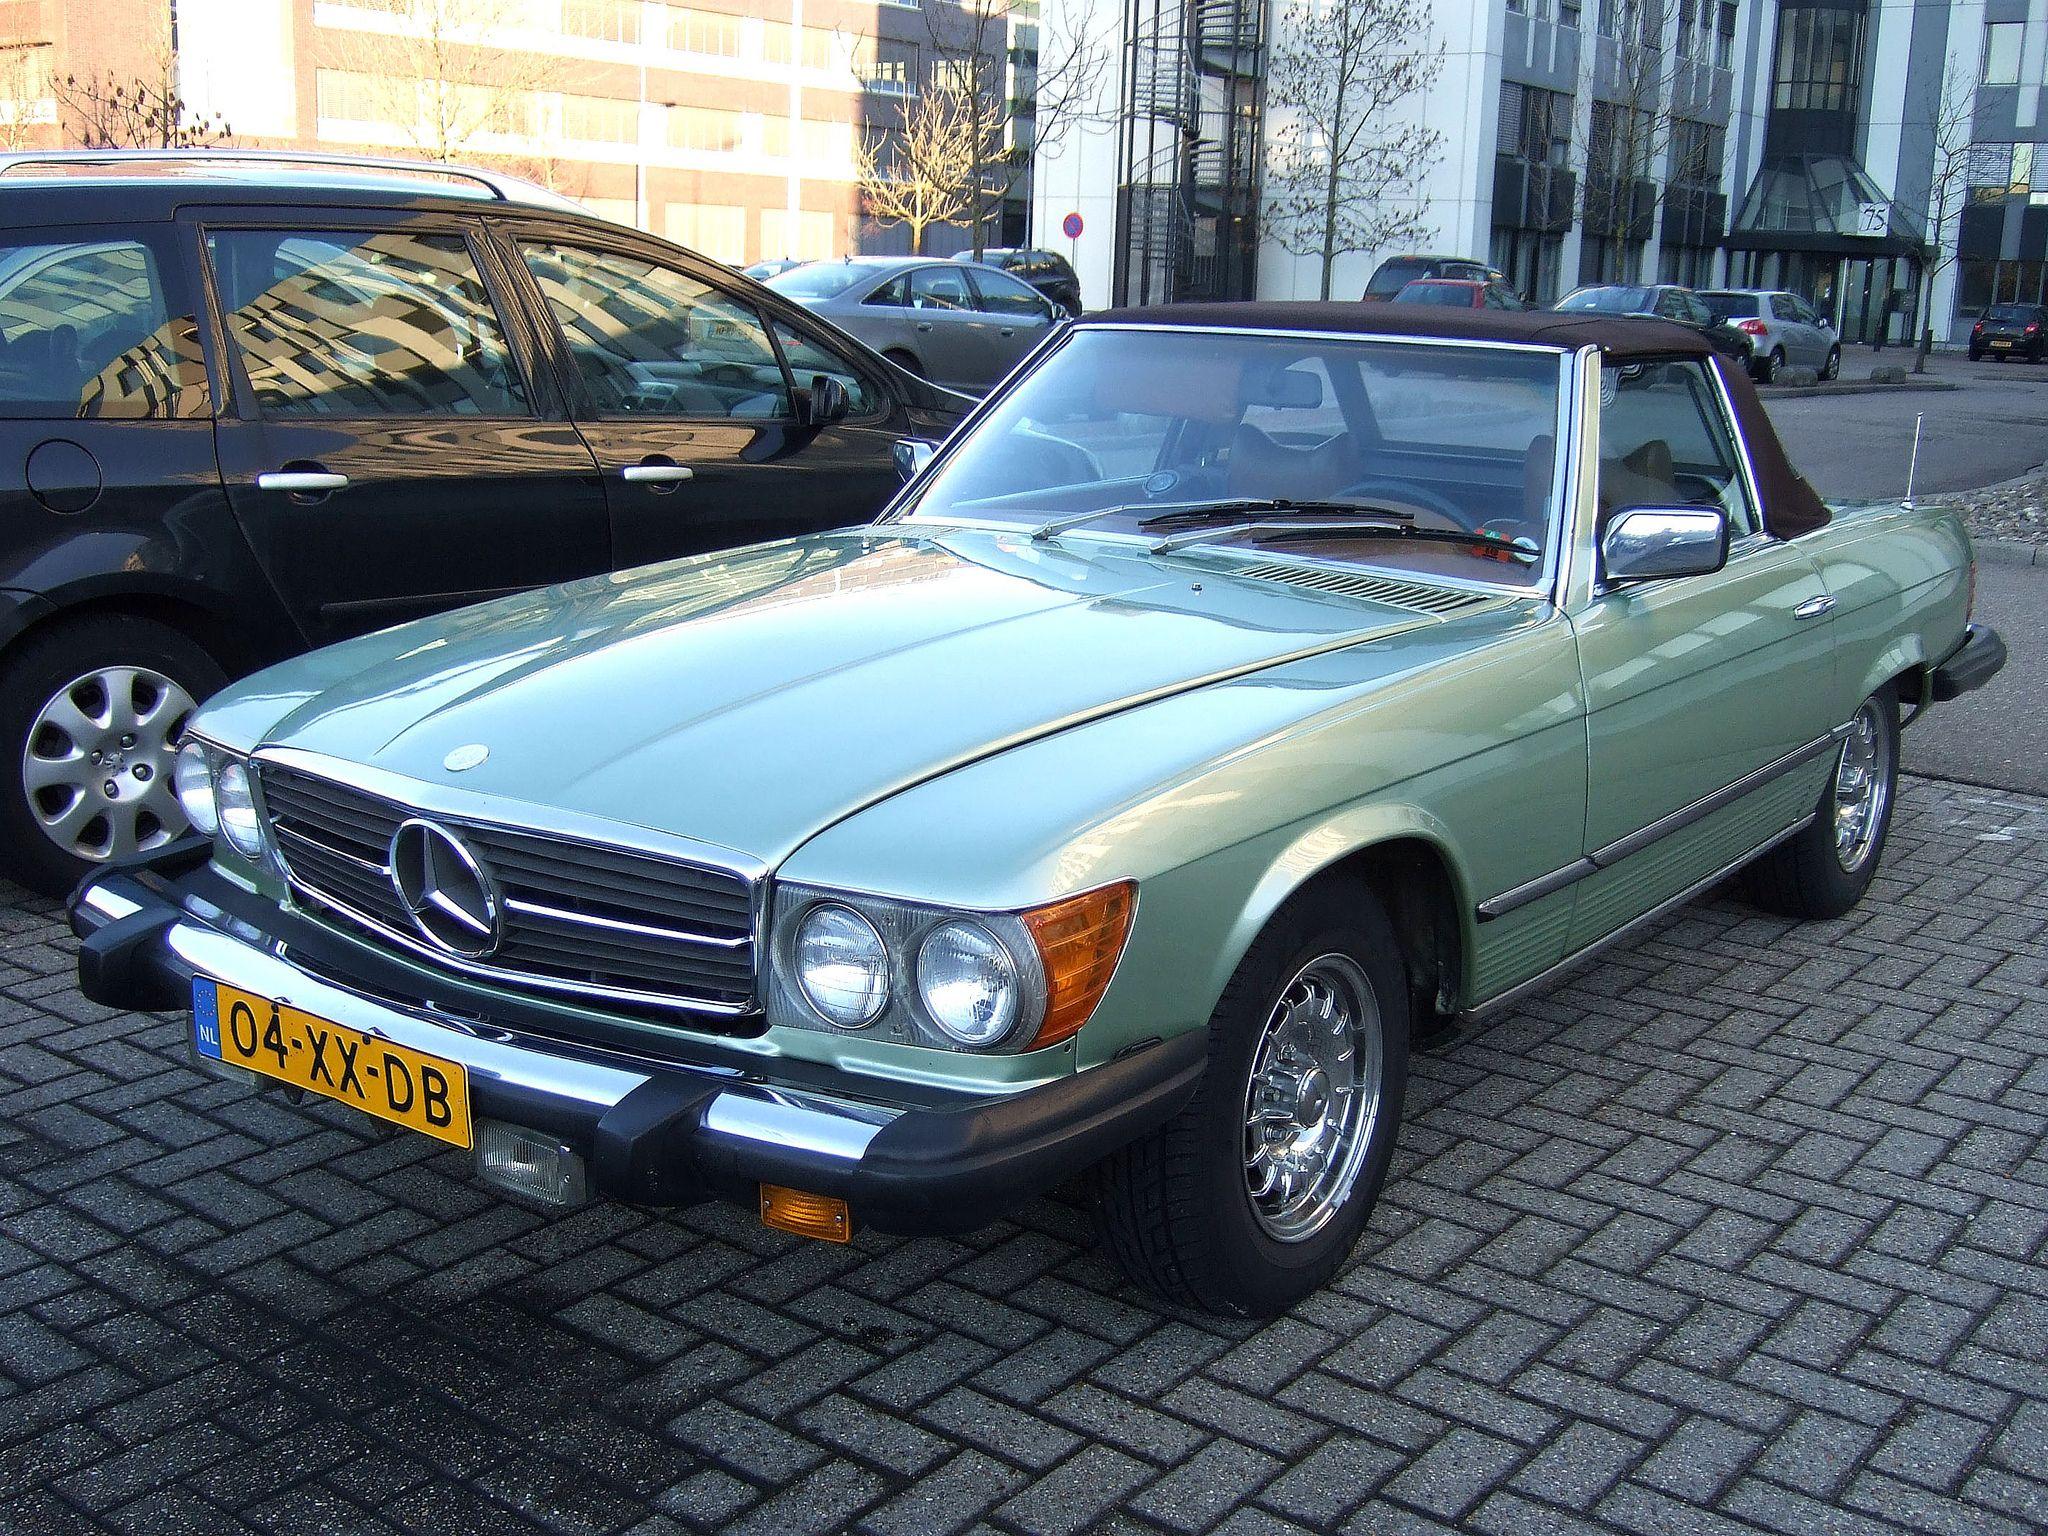 Mercedes 450 Sl Feb 1978 Us Version Mercedes Benz Classic Mercedes Mercedes Benz Cars